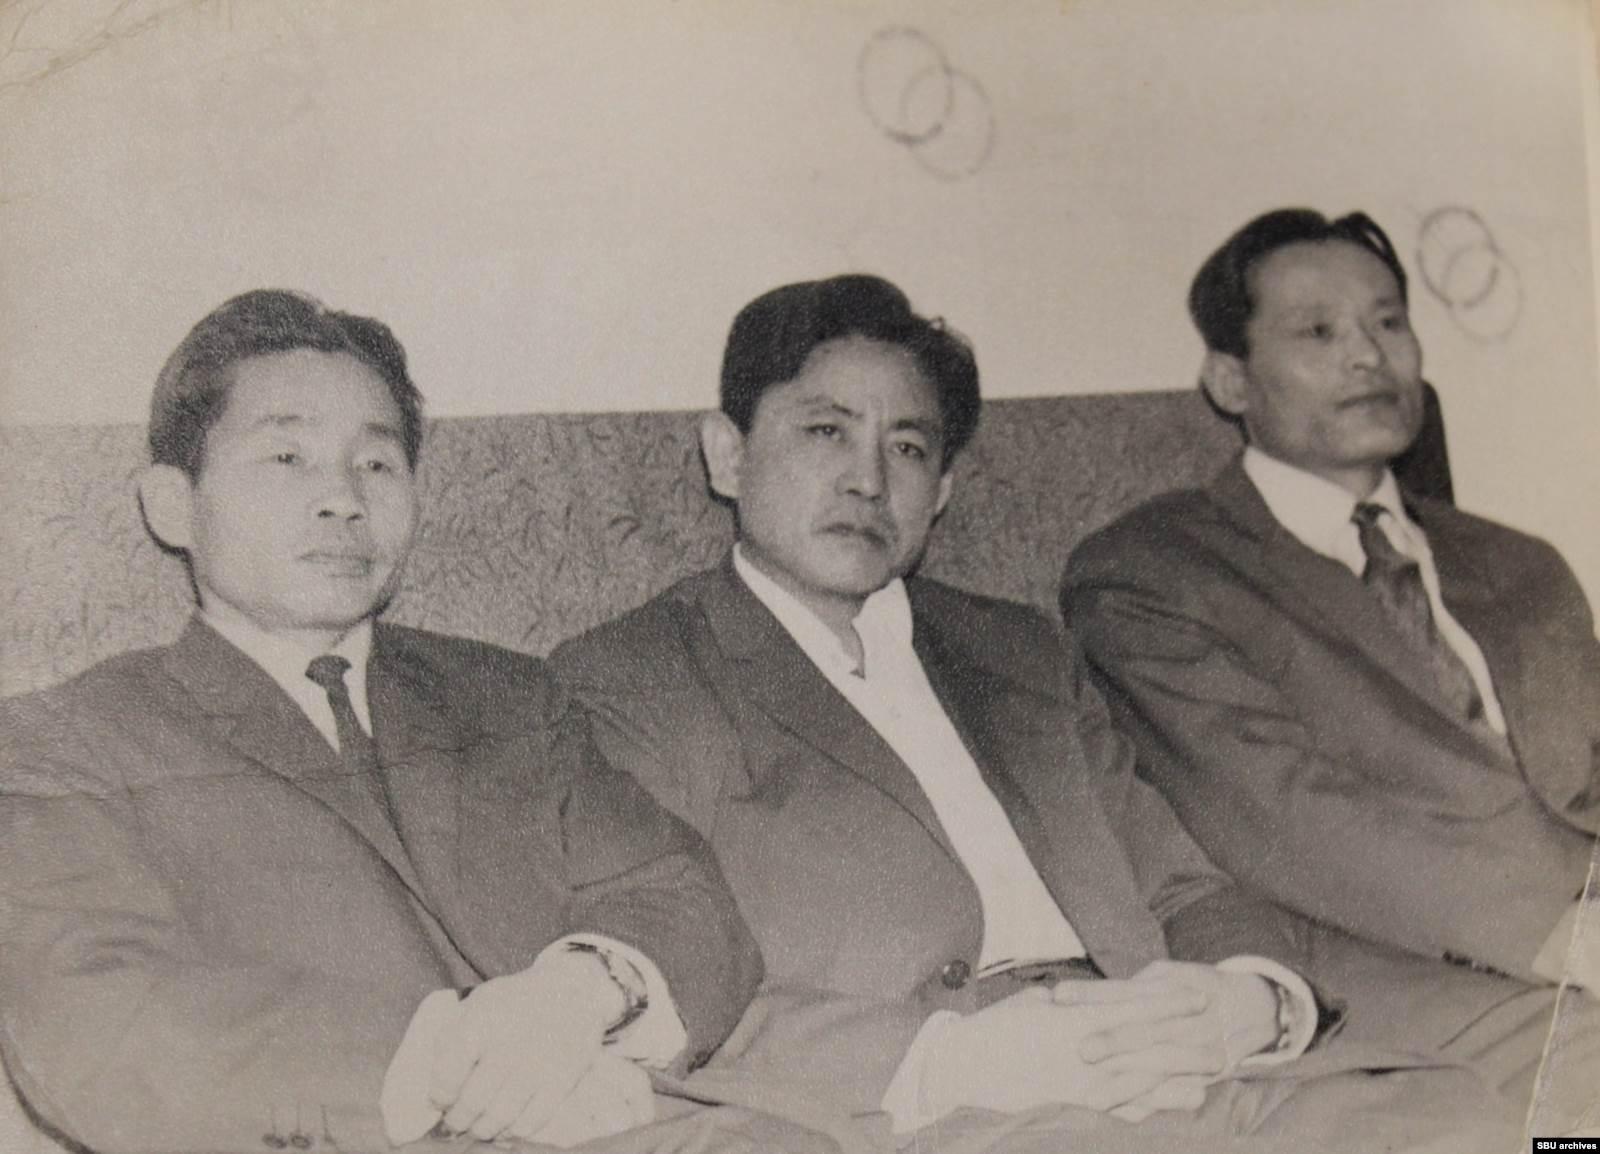 Слева направо: Ким, Цой, Дим. Фото из материалов уголовного дела